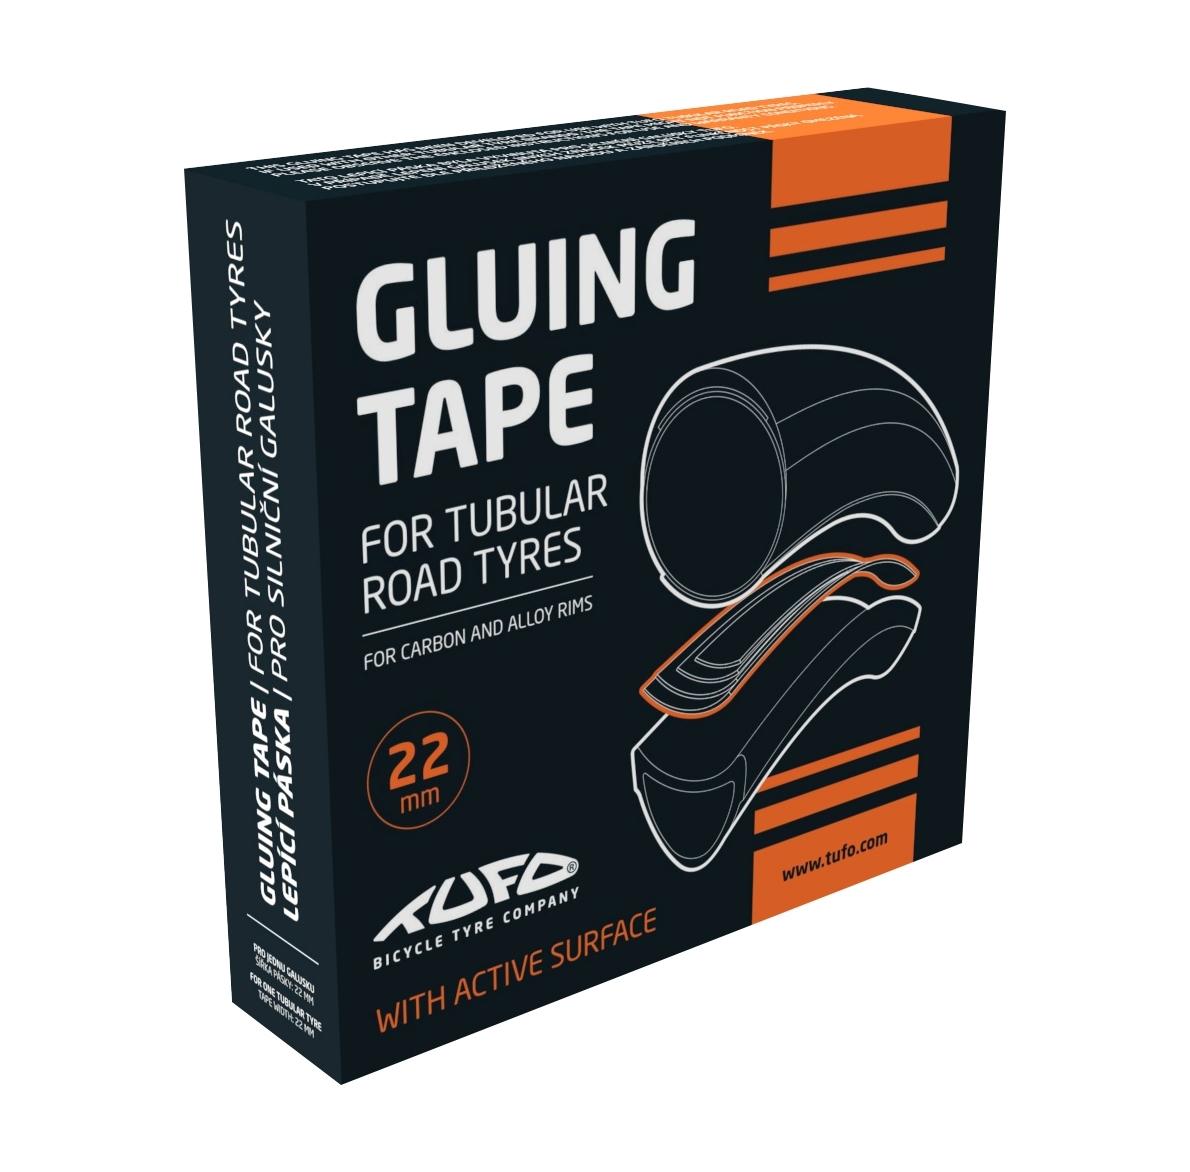 lepení-páska TUFO pro galusky-šíře pásky 22 mm